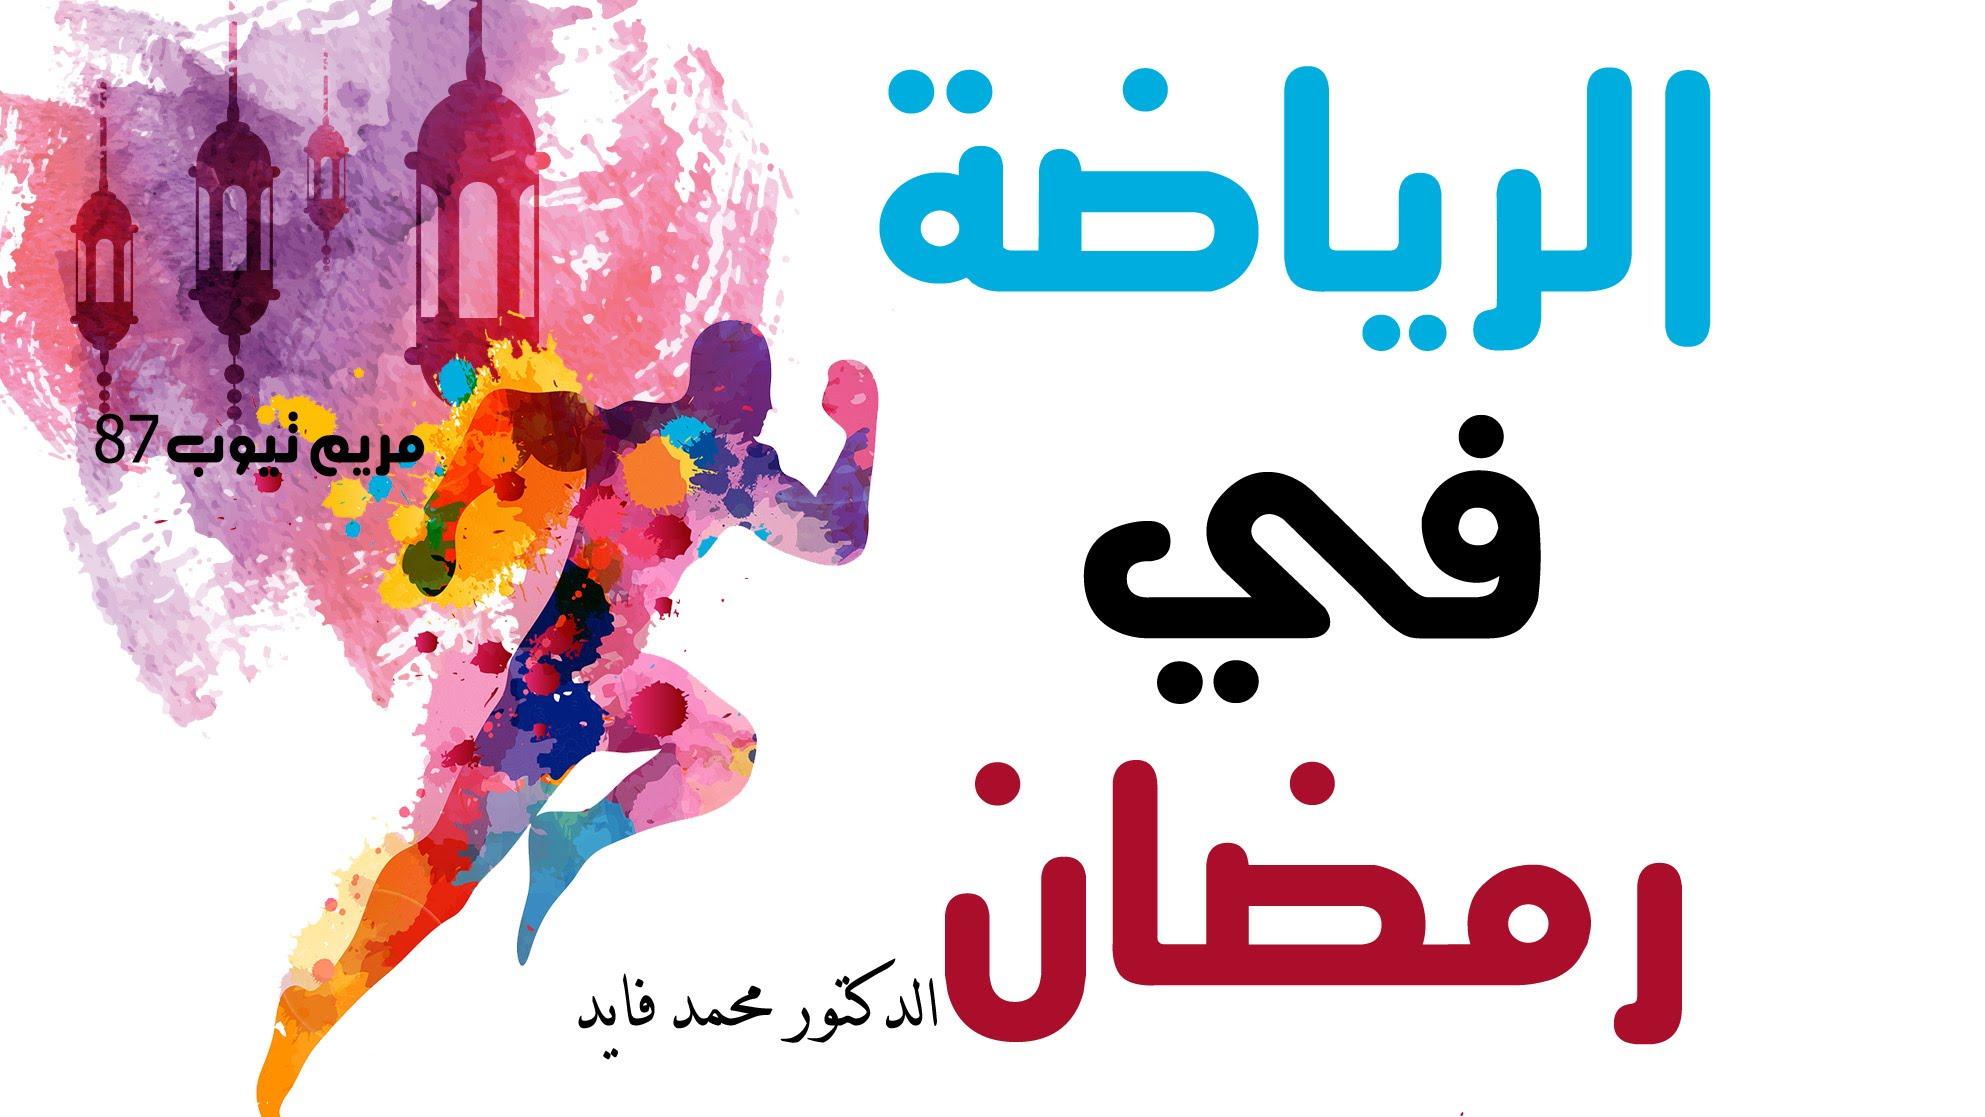 صورة الرياضة في رمضان , فوائد ممارسة الرياضة في رمضان